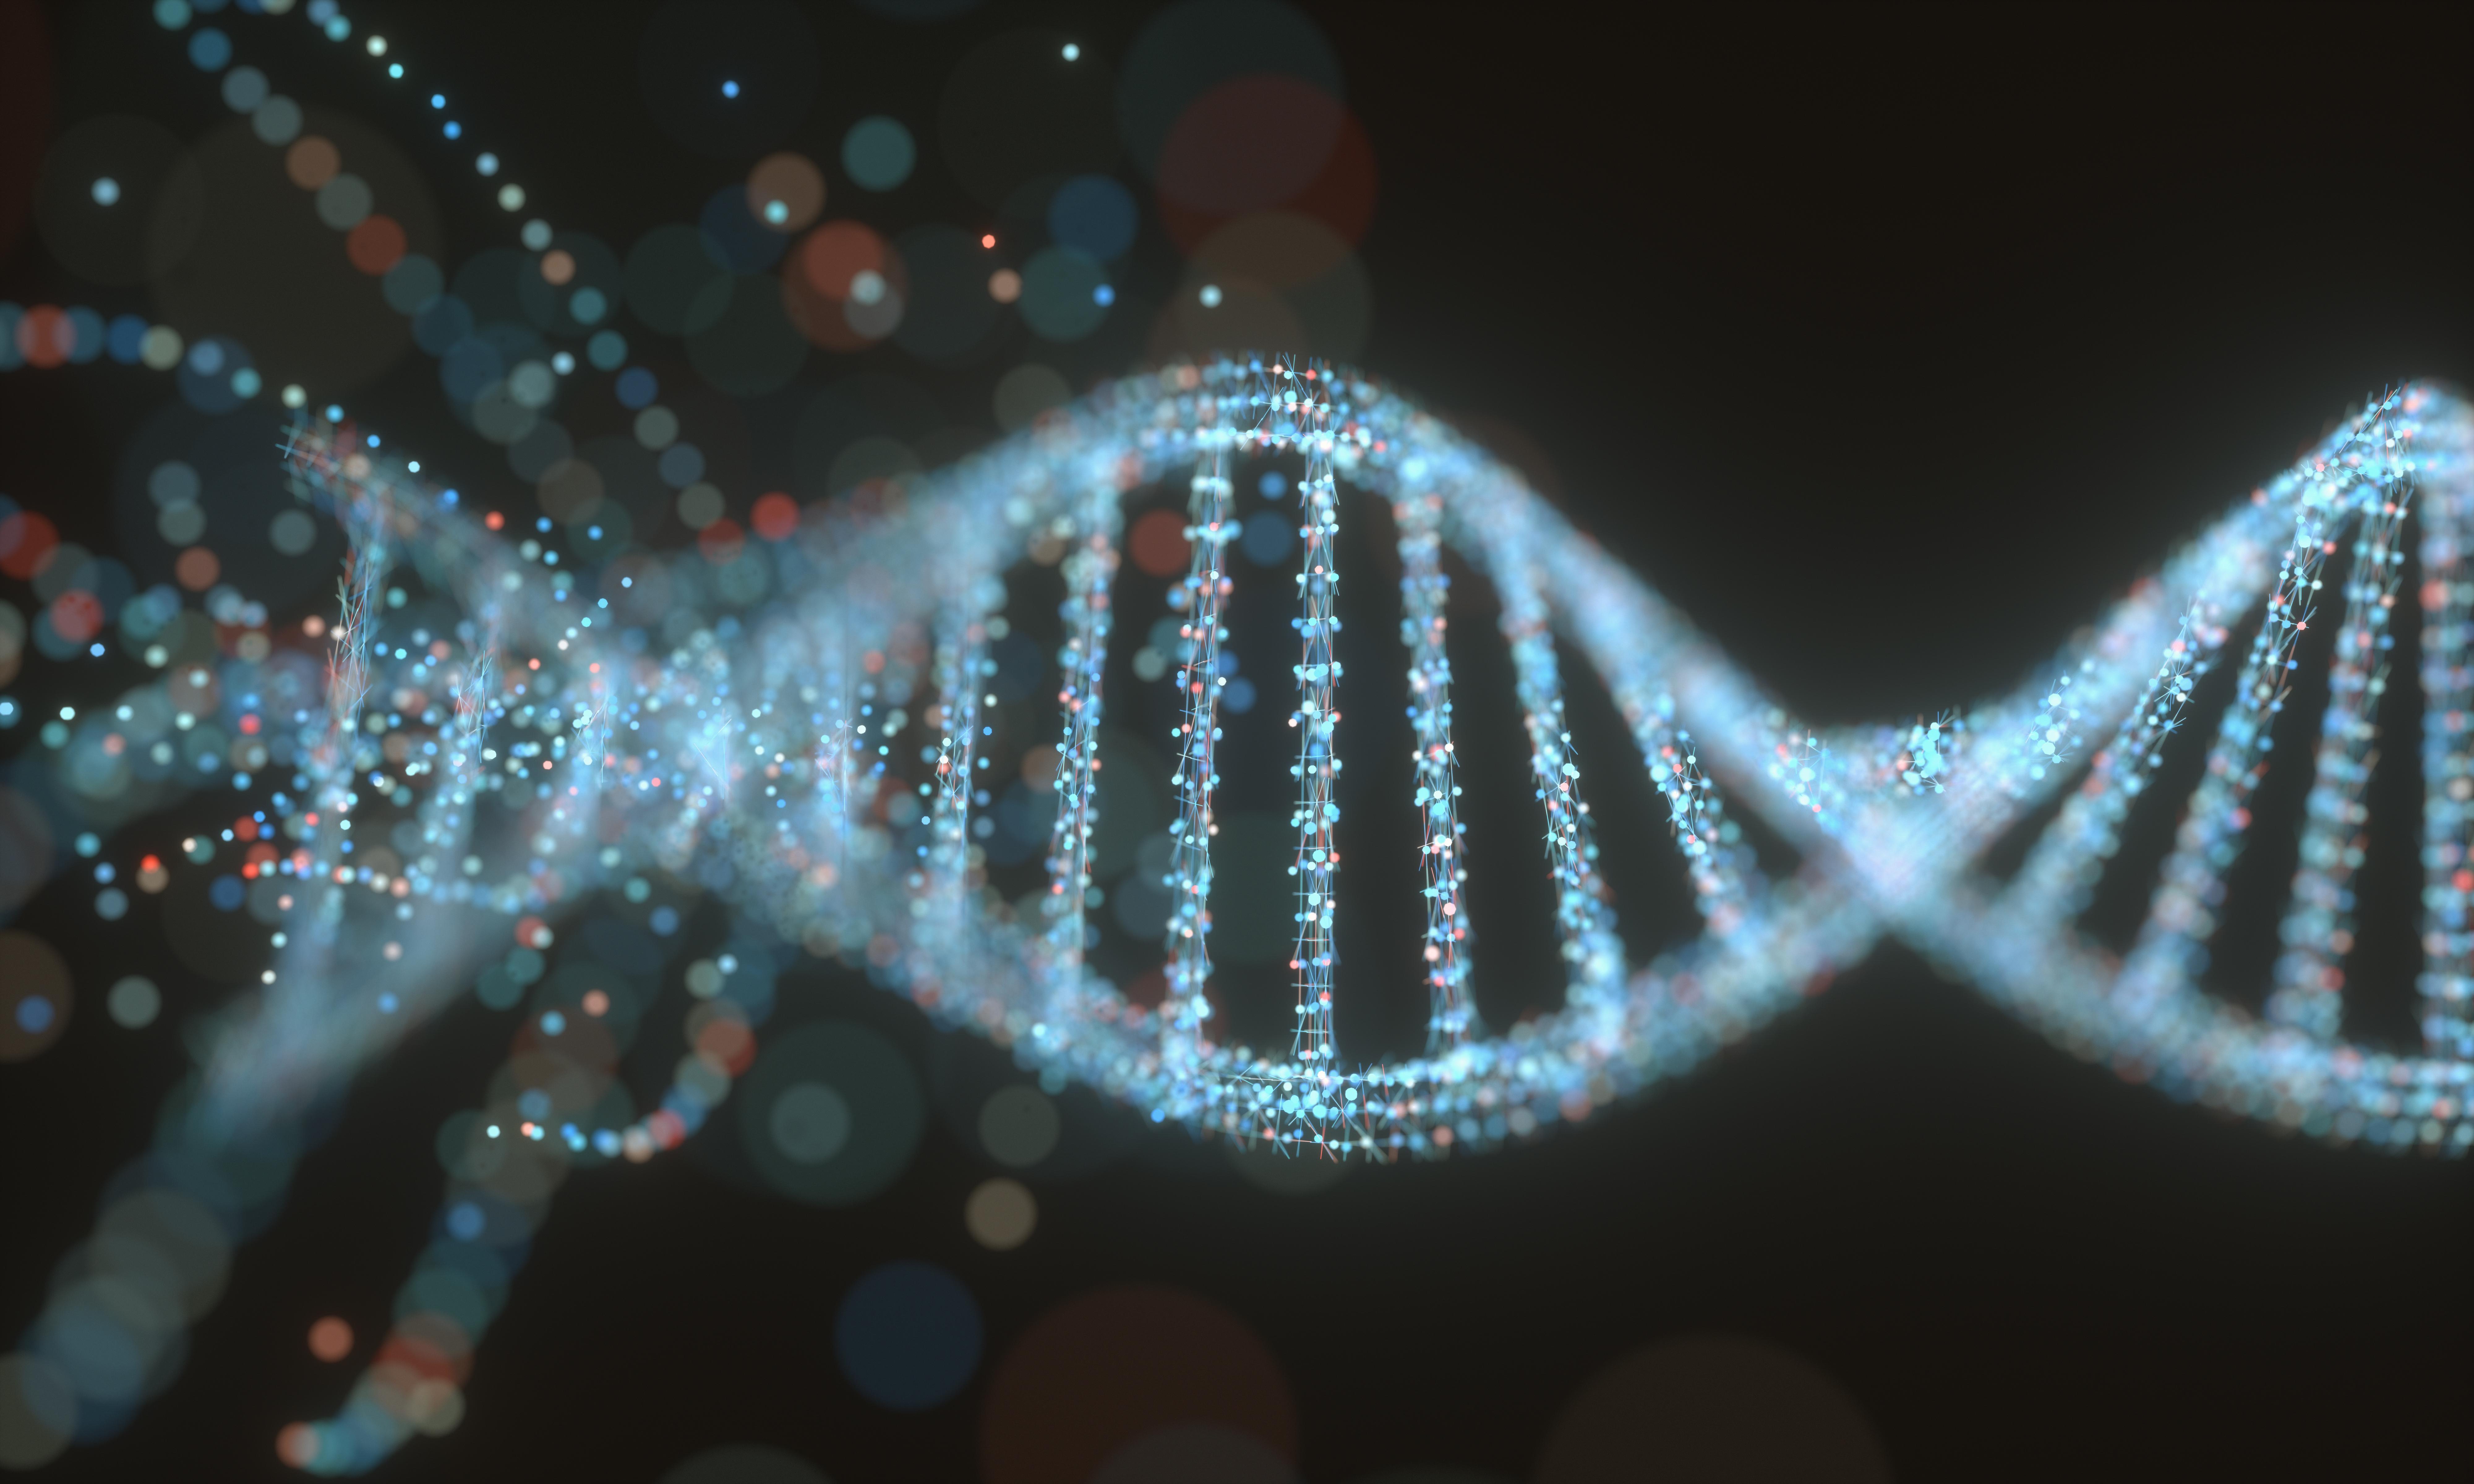 dogum oncesi genetik tarama testleri ile kromozomal bozukluklar erken haftalarda teshis edilebiliyor